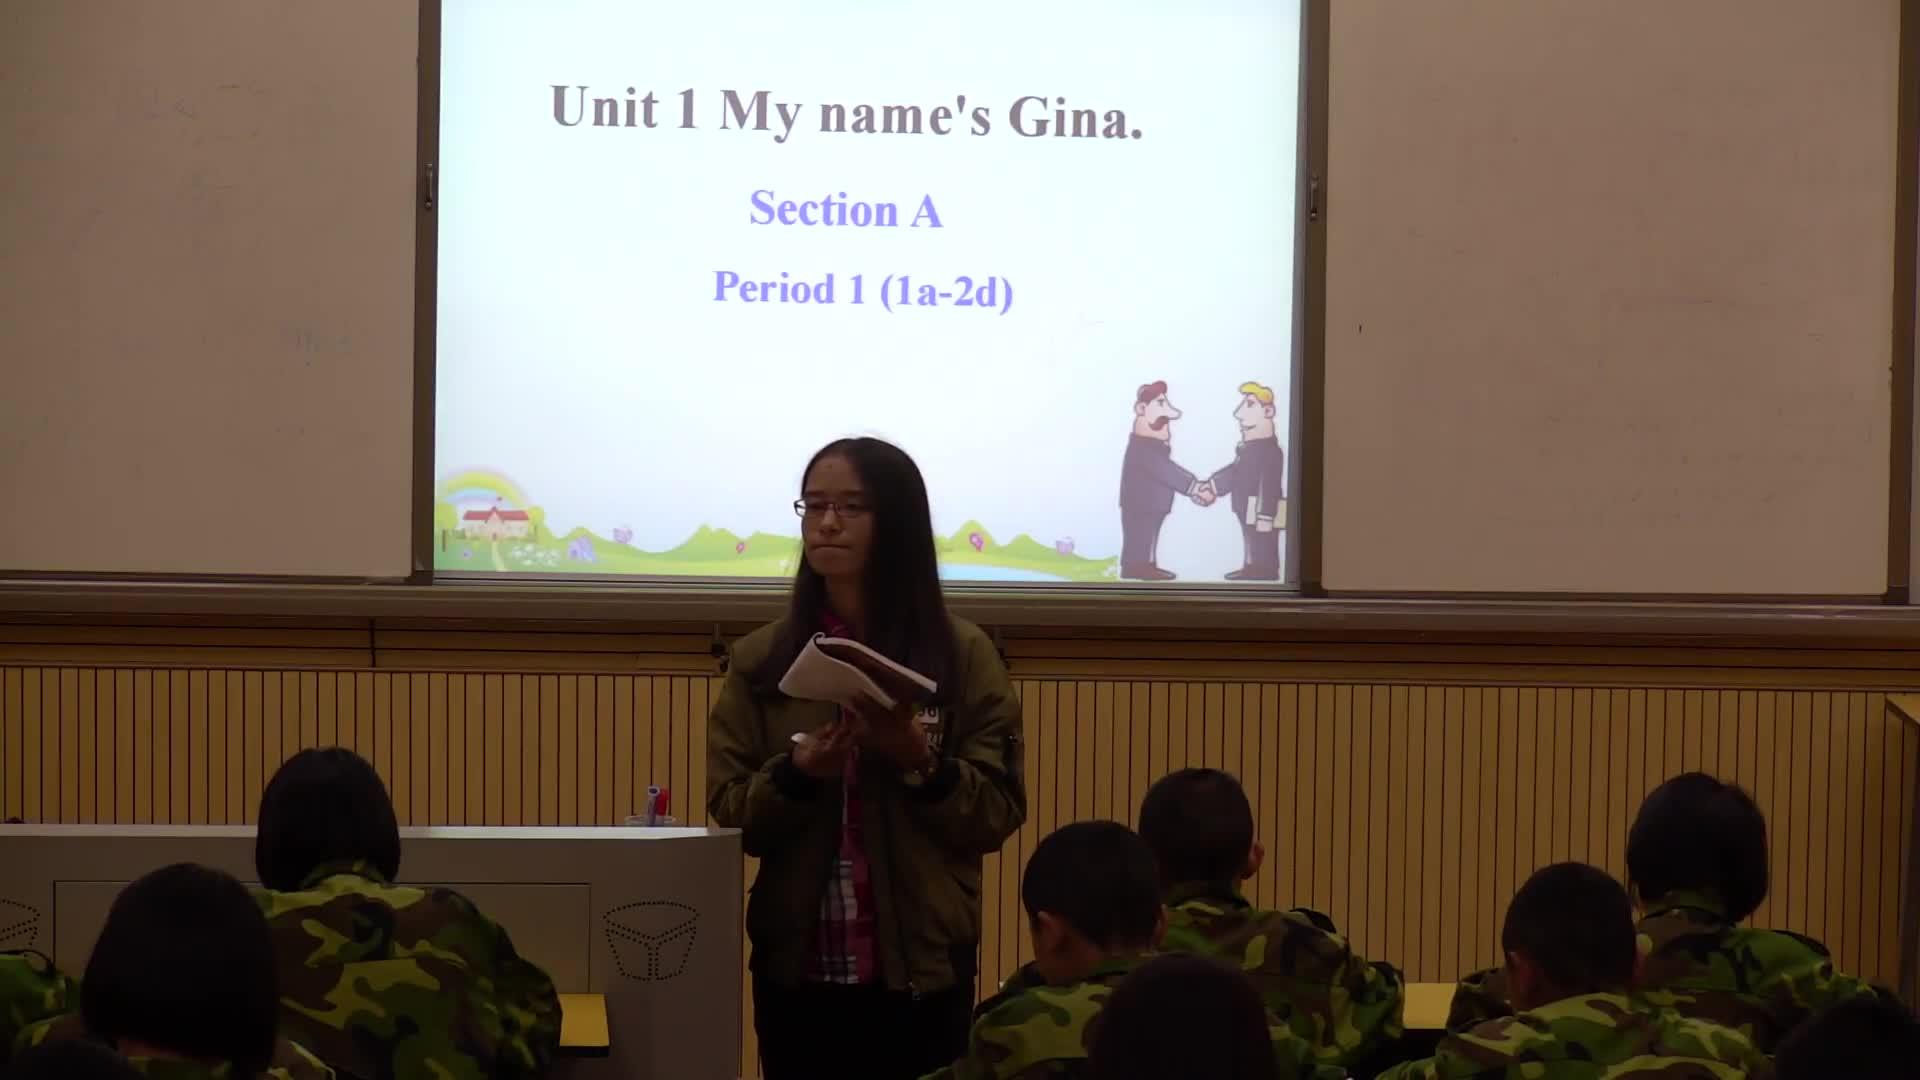 人教版 七年级英语上册 Unit1 My name's Gina Section A Period 1(1a-2d)